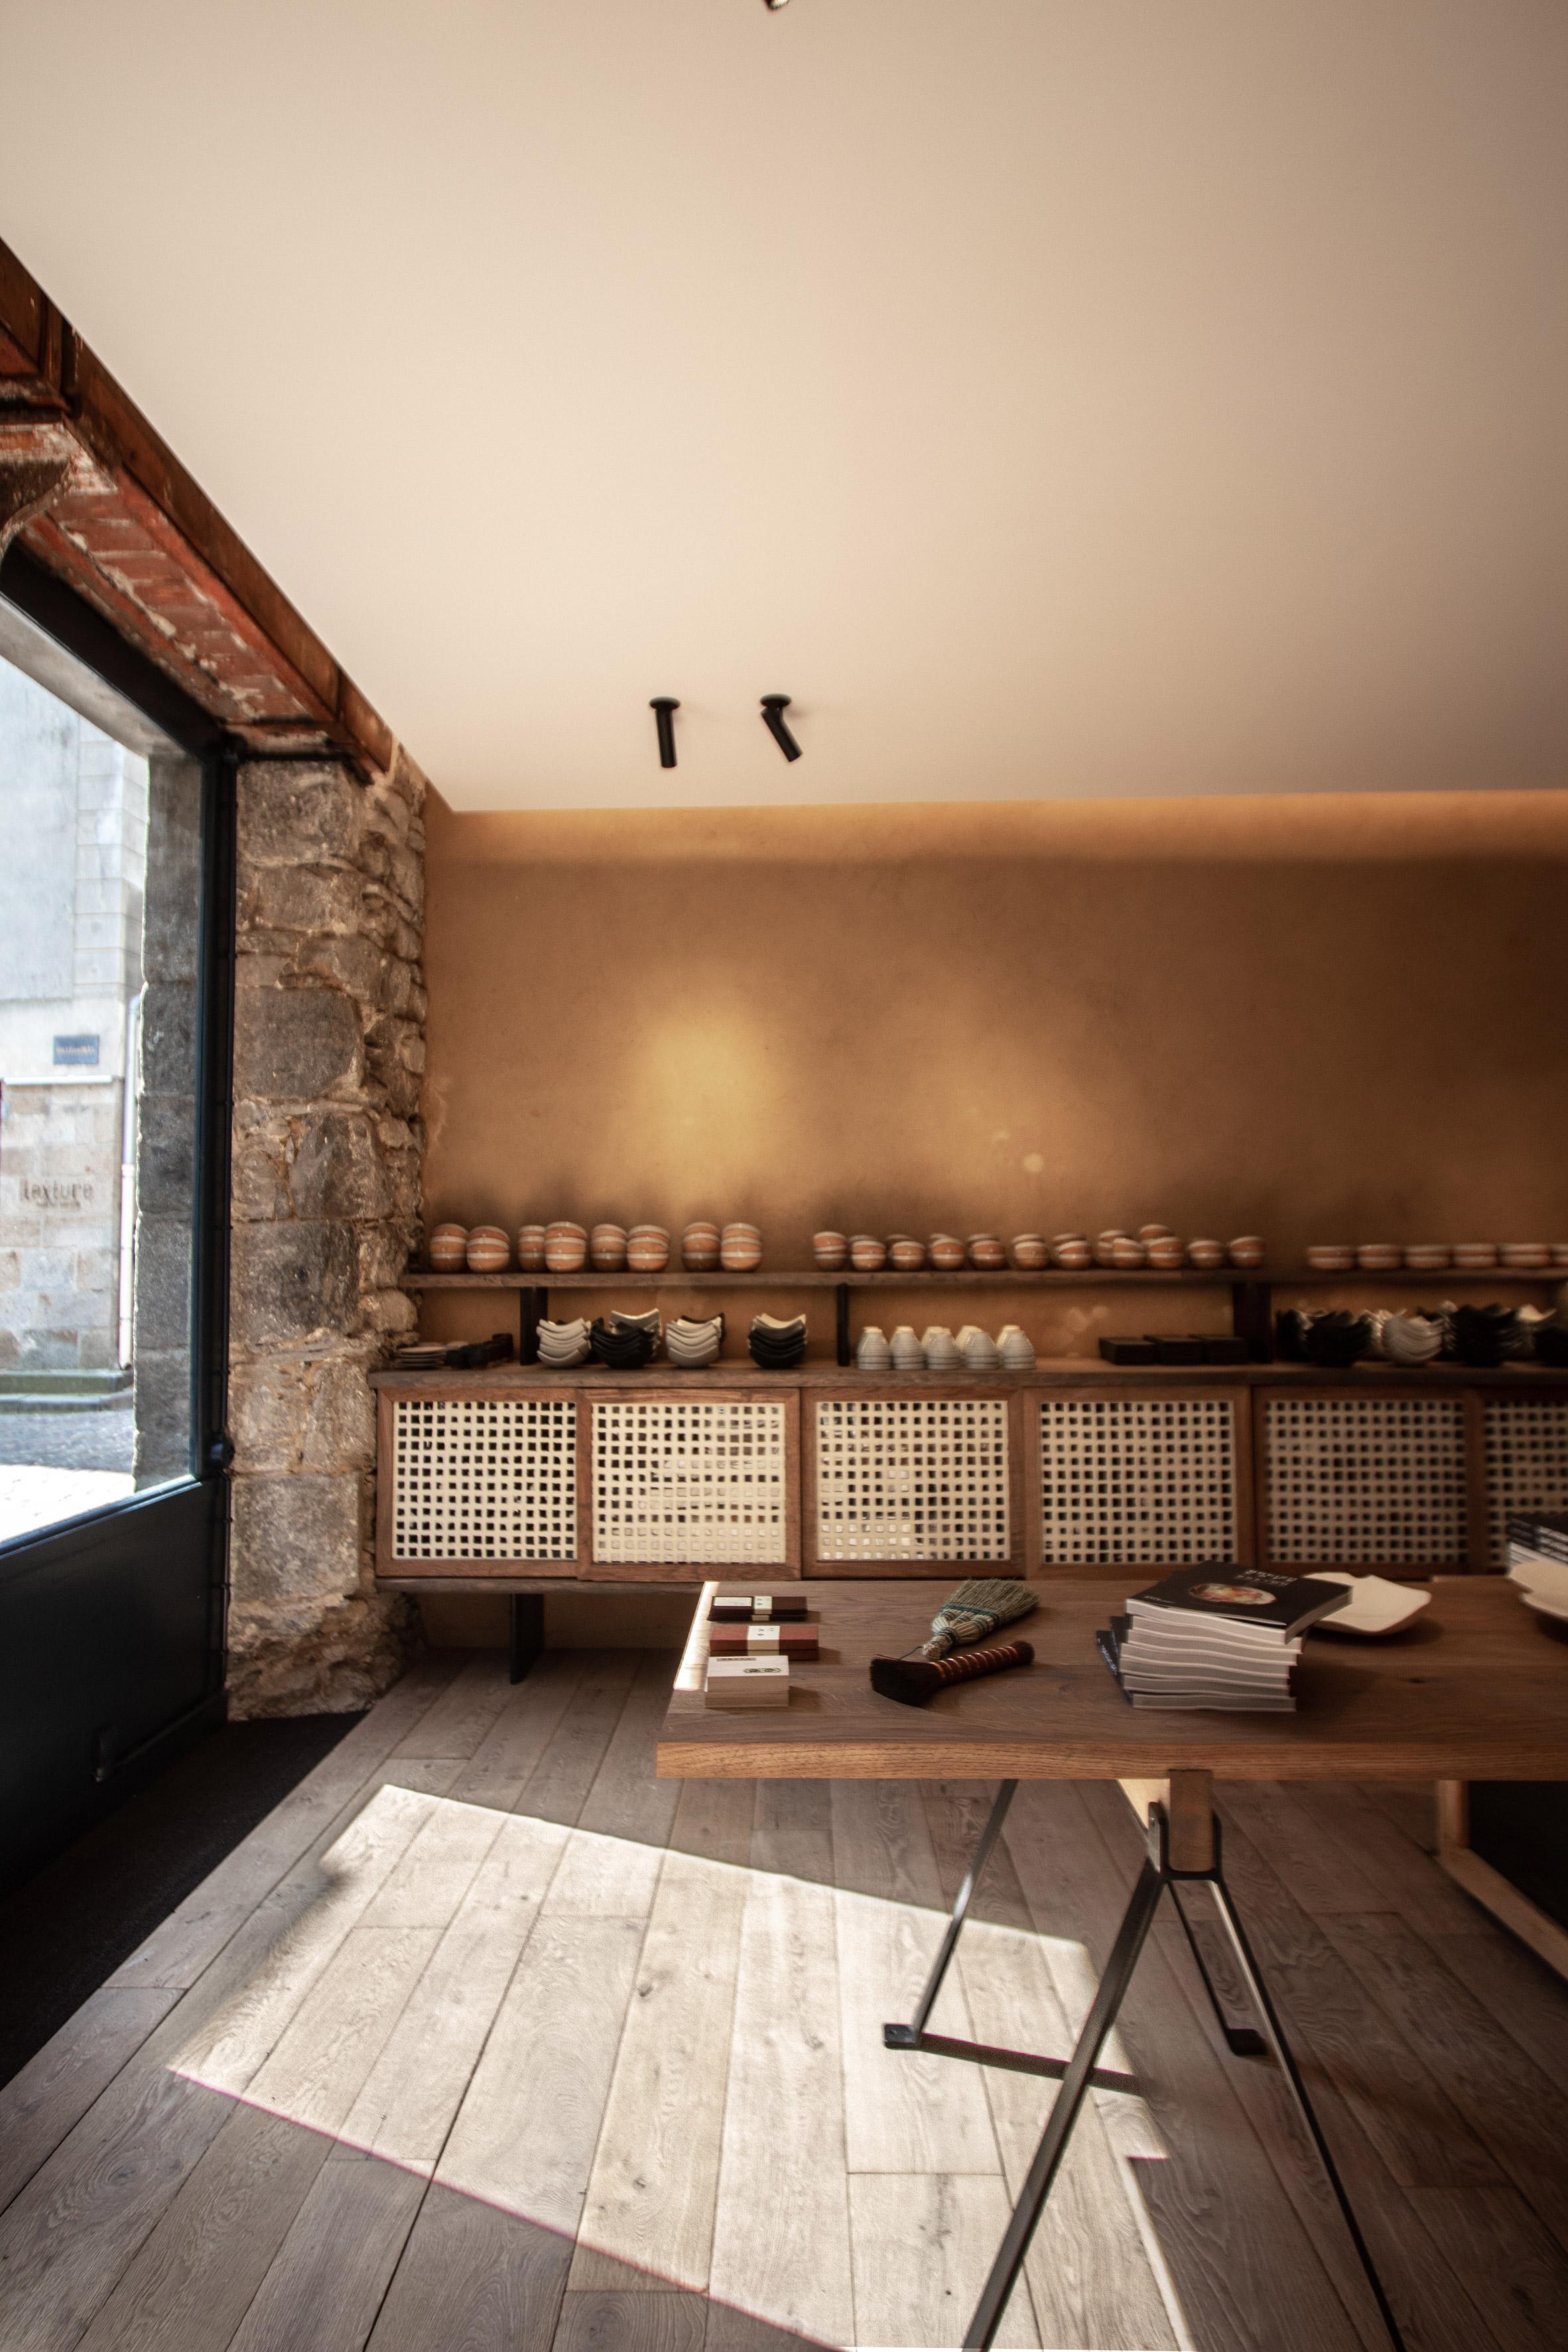 cửa hàng gốm sứ Guilaume Terver-elledecoration vn 12